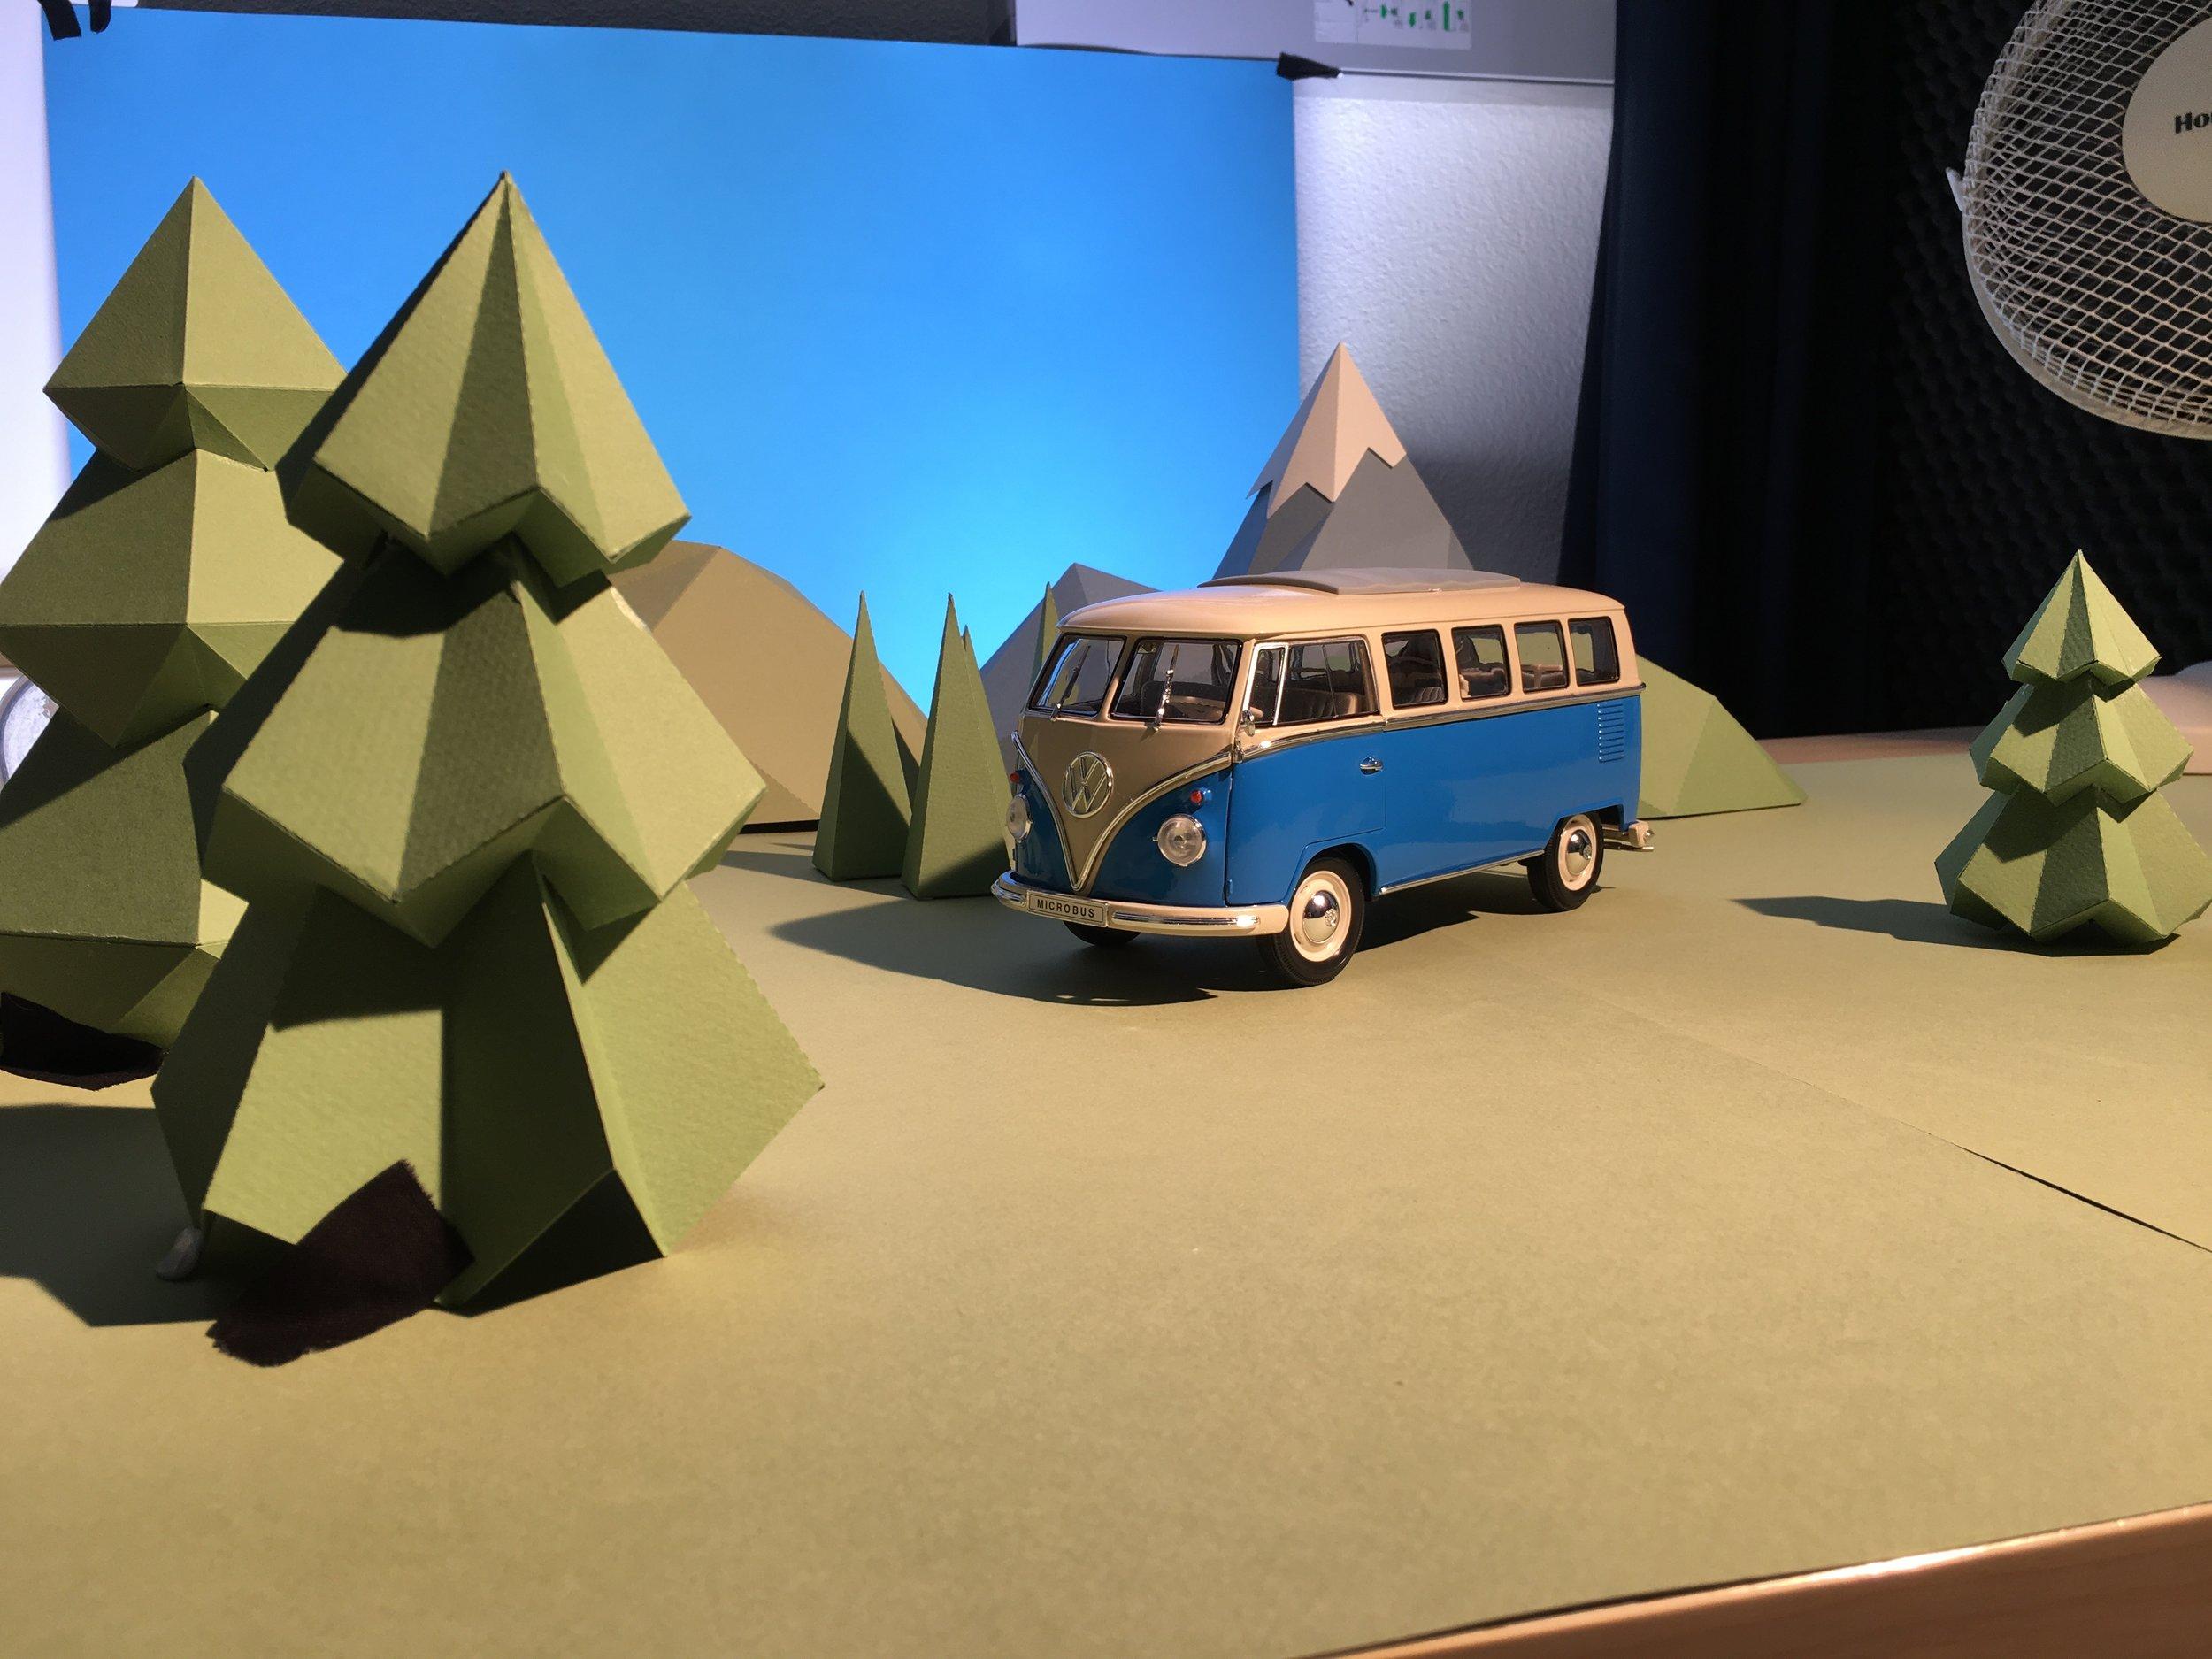 VW_Camping_Set_Design.jpg